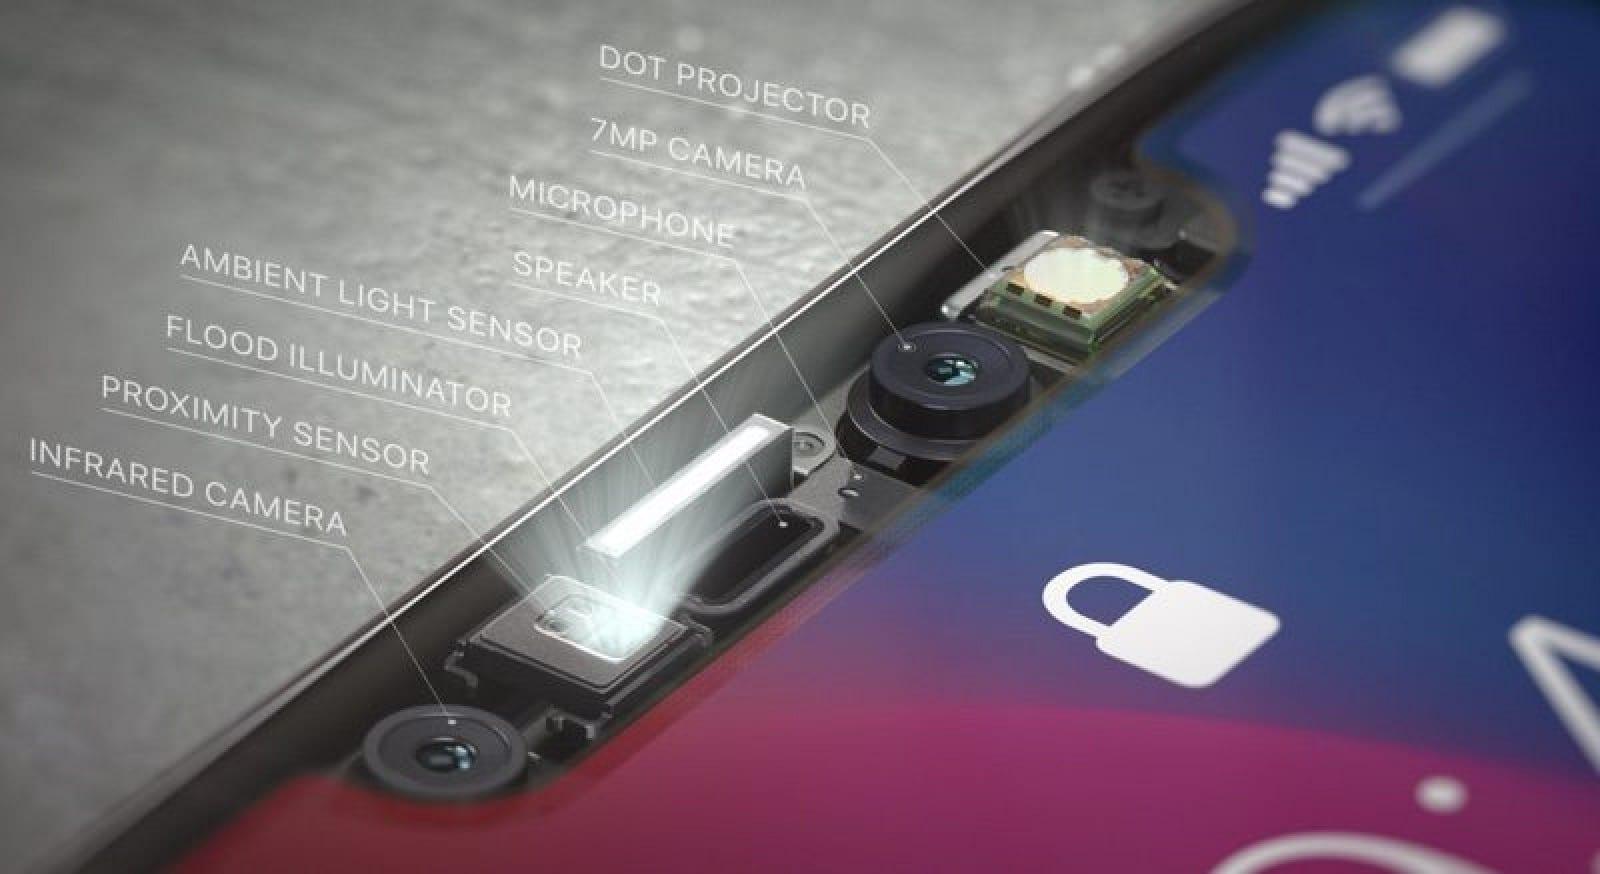 iphonextruedepthcamera 1 800x437 - Nadchádzajúci iPhone pravdepodobne nebude disponovať zadnou TrueDepth kamerou